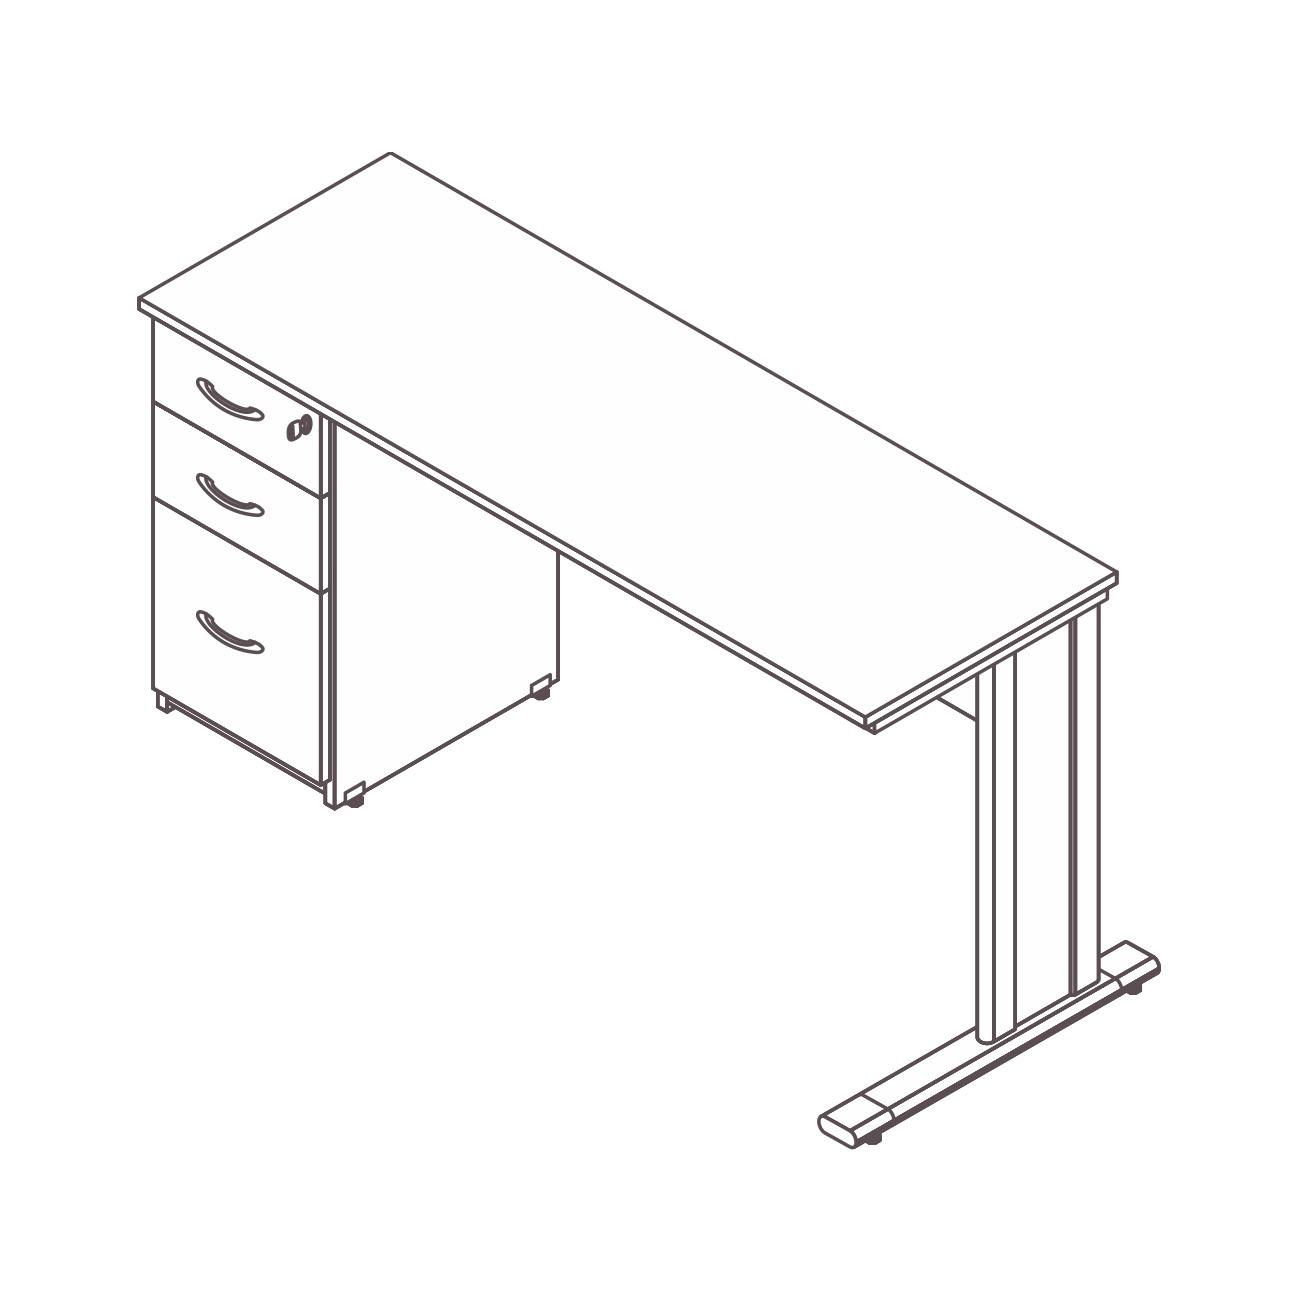 Mesa diretor / gerente gaveteiro pedestal 2 gavetas pasta suspensa diamante